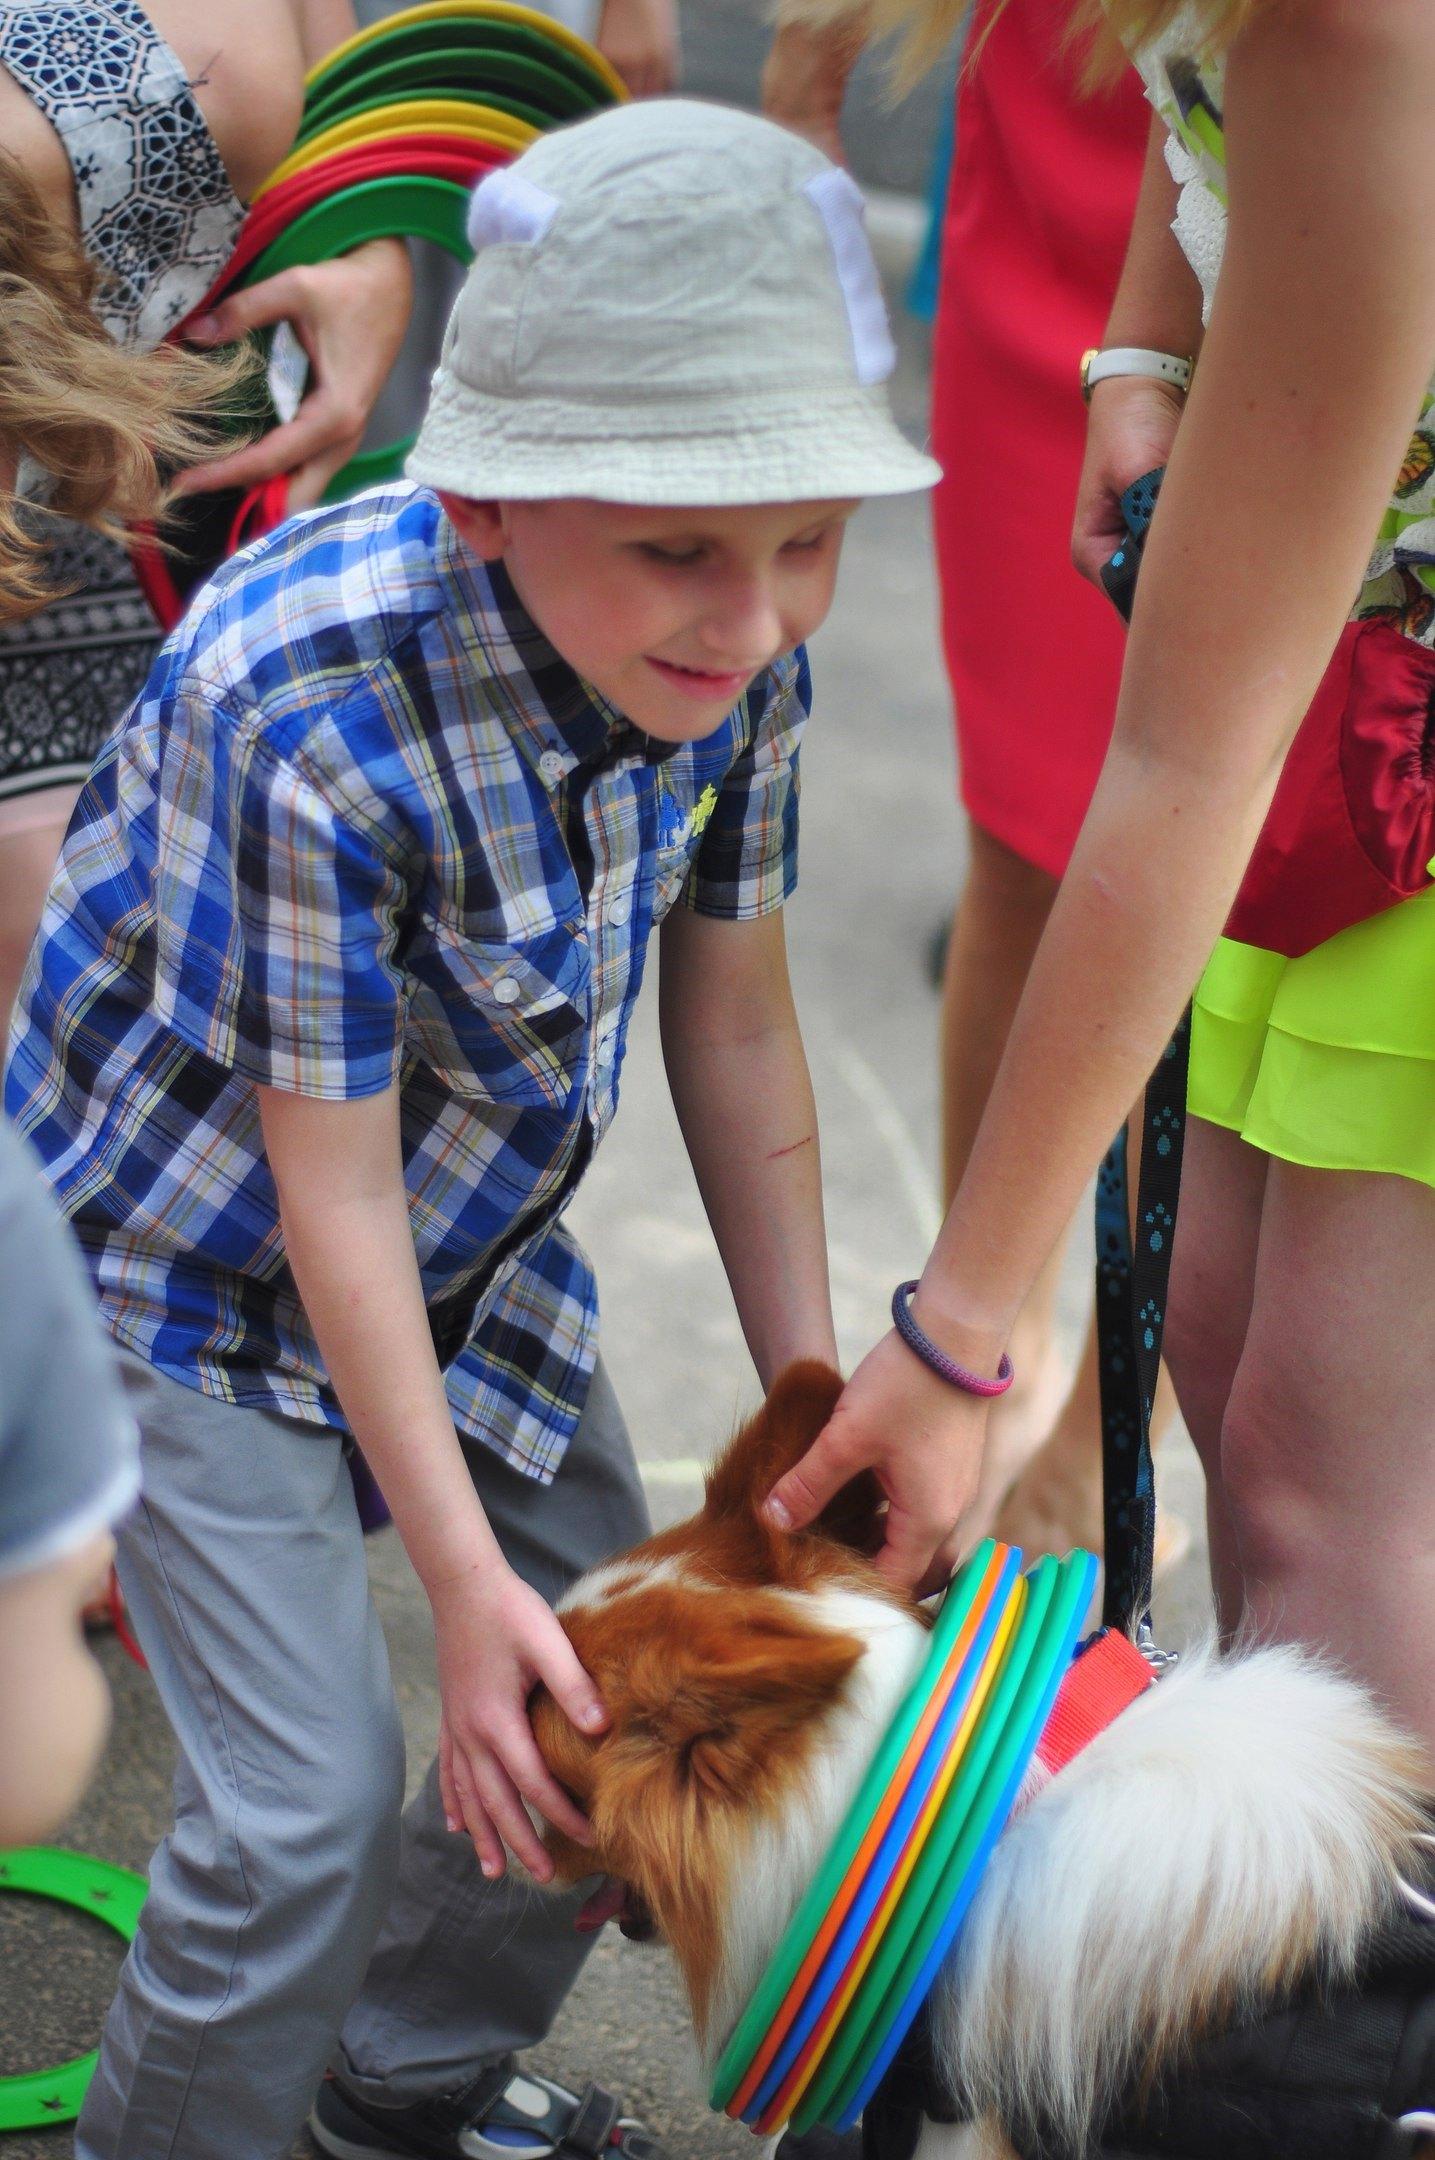 24.06.2016, вып. в Лесовичке, фото О. Сидяковой, 20